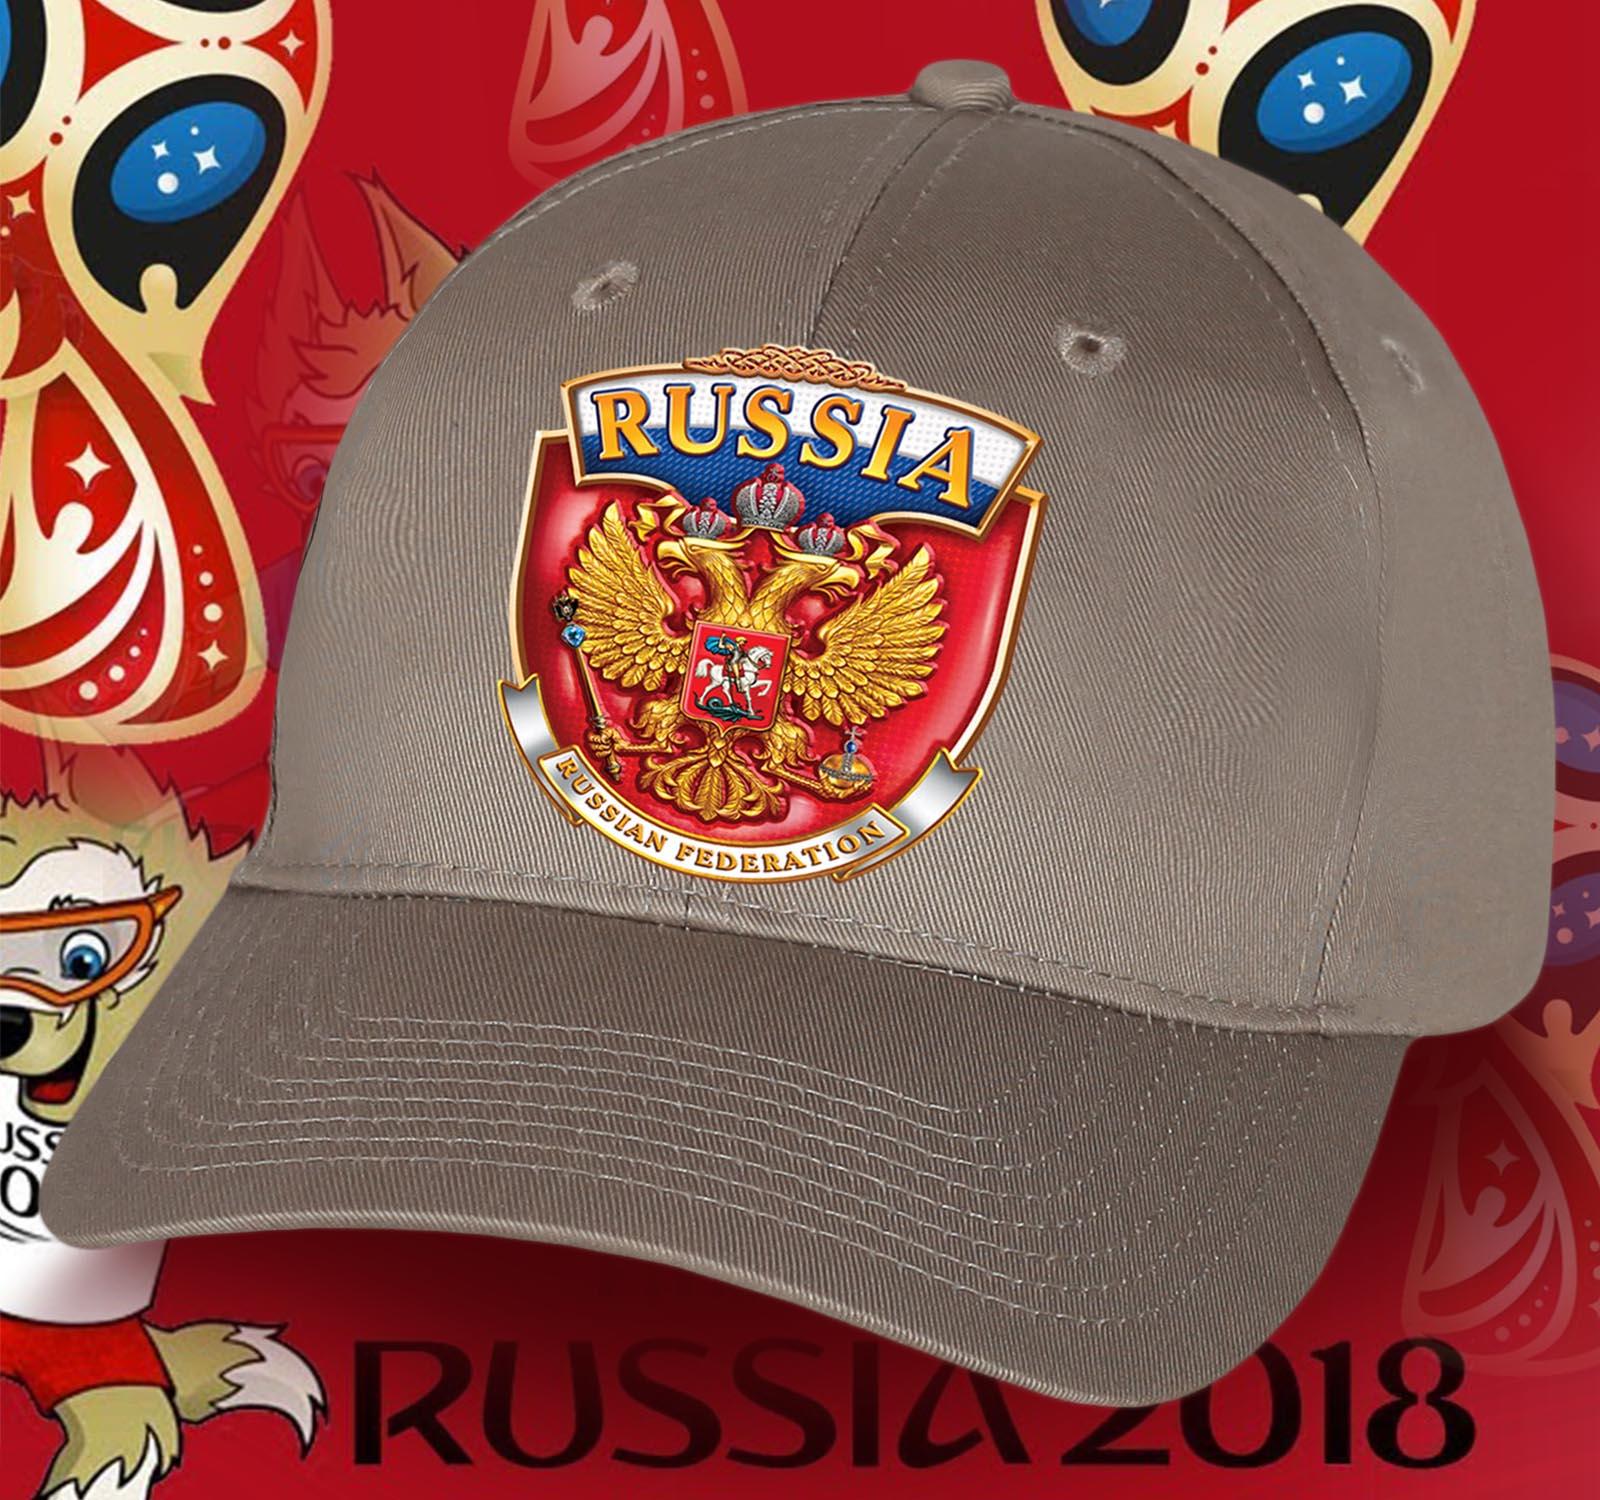 Купить в интернет магазине бейсболку с гербом России